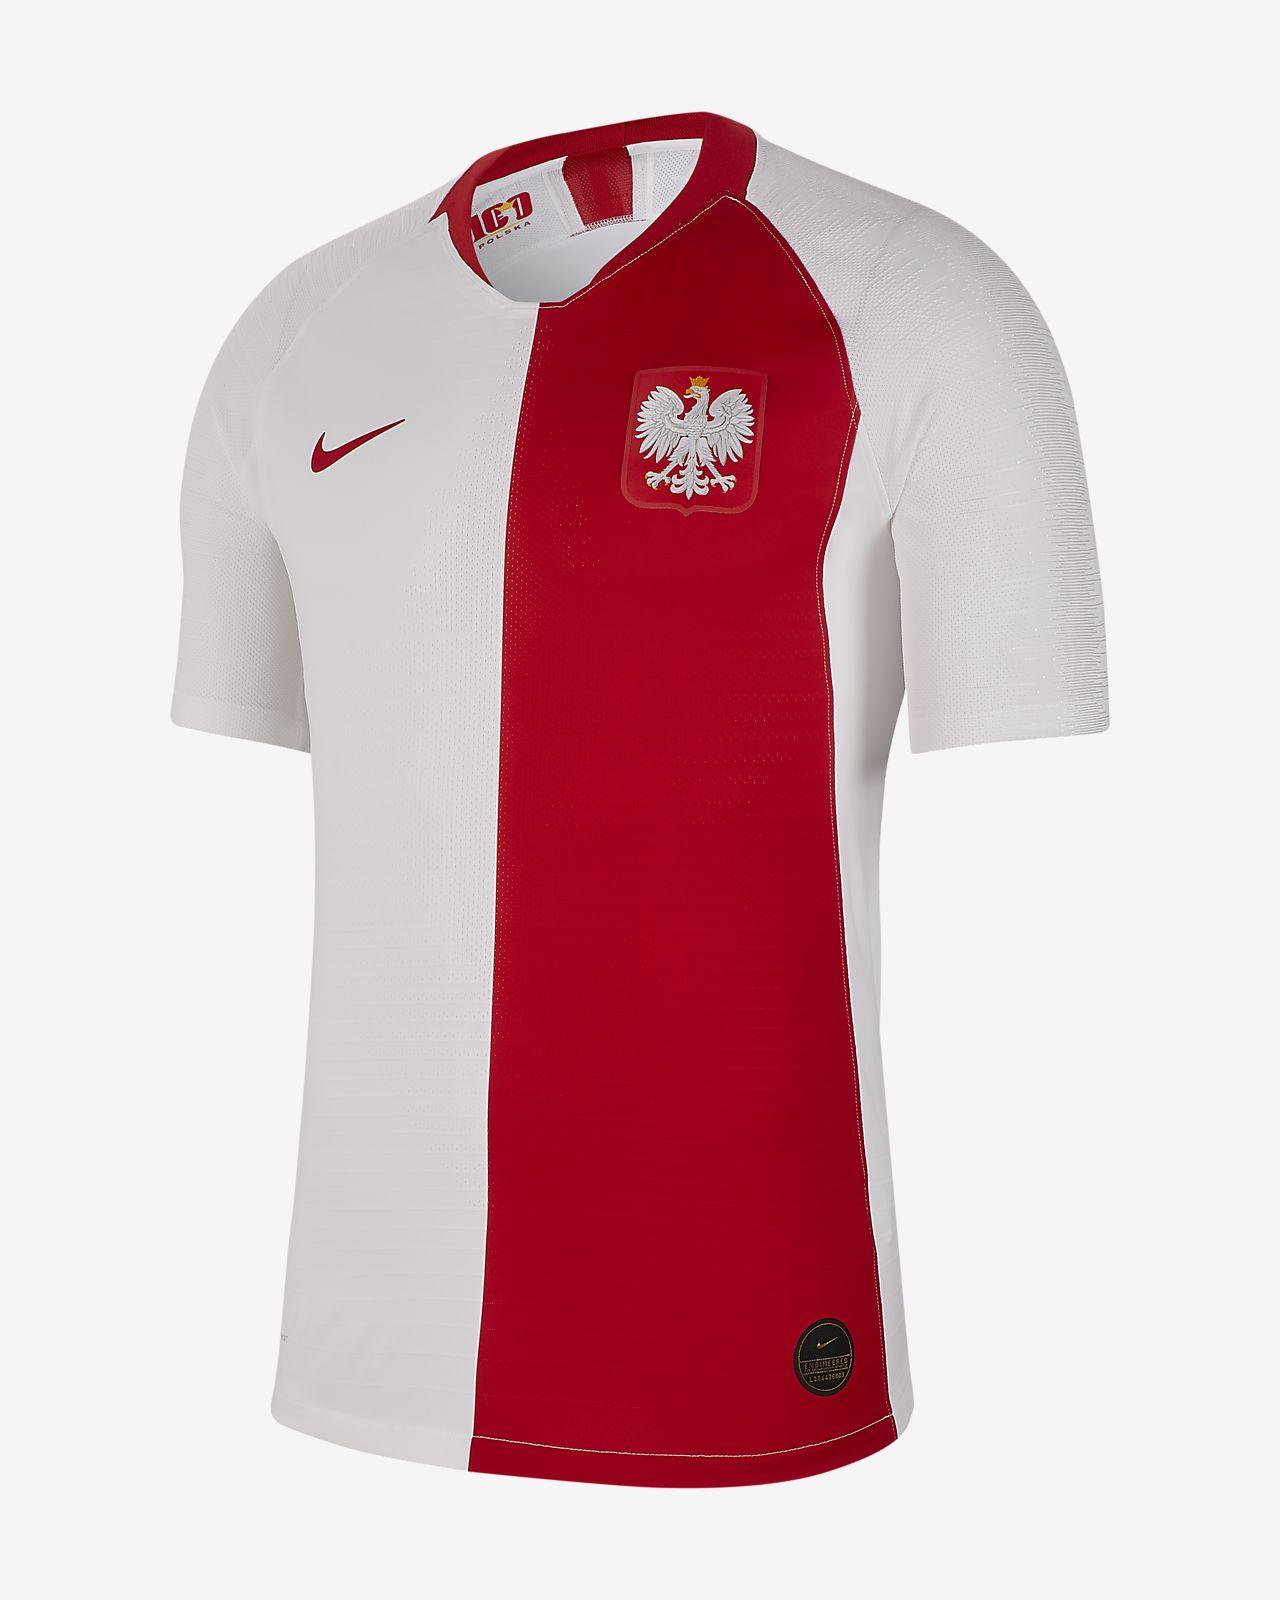 Maglia Poland Vapor Match Centennial - Uomo